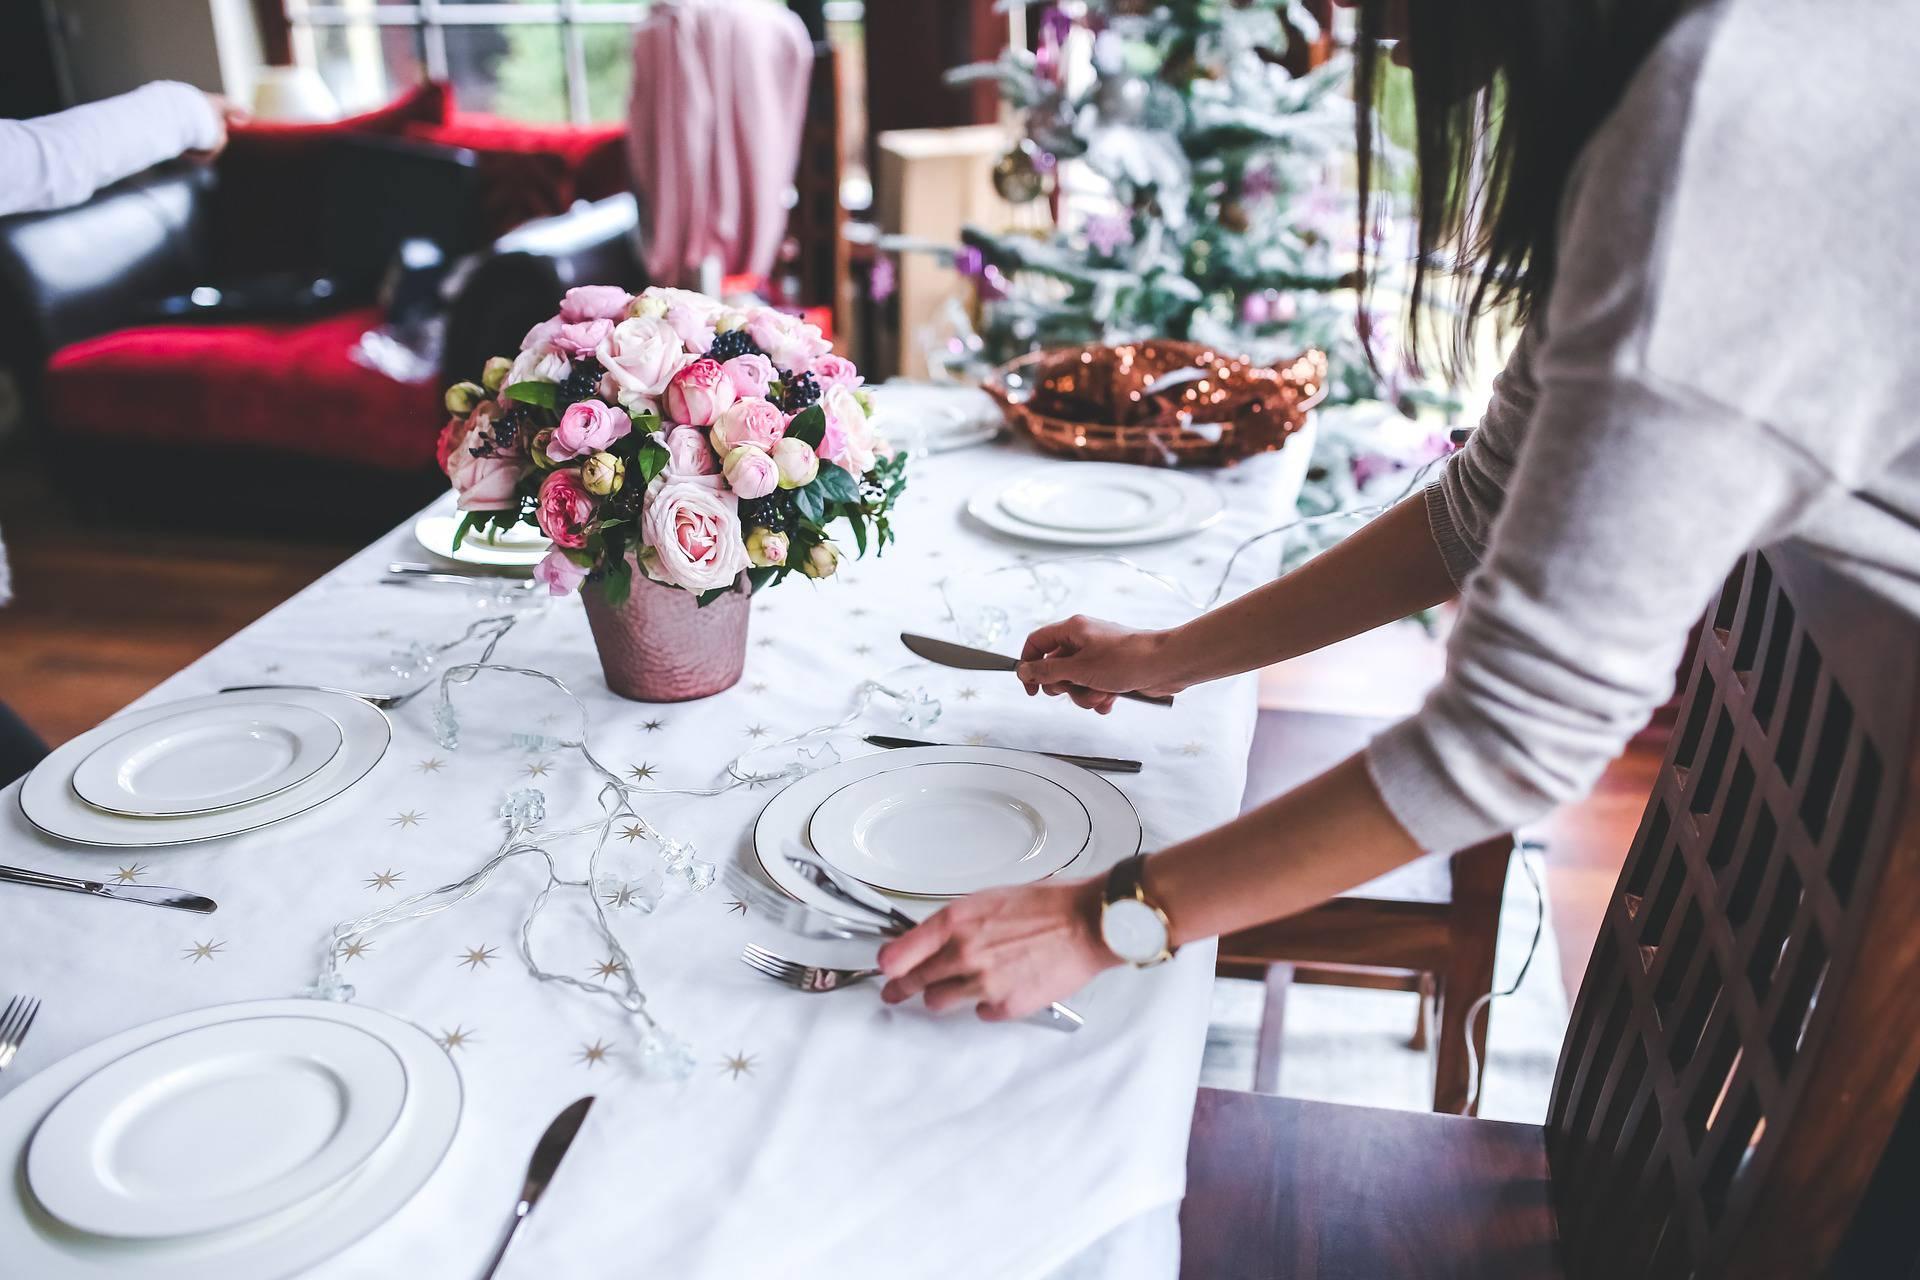 Natale 2018: i consigli per apparecchiare la tavola